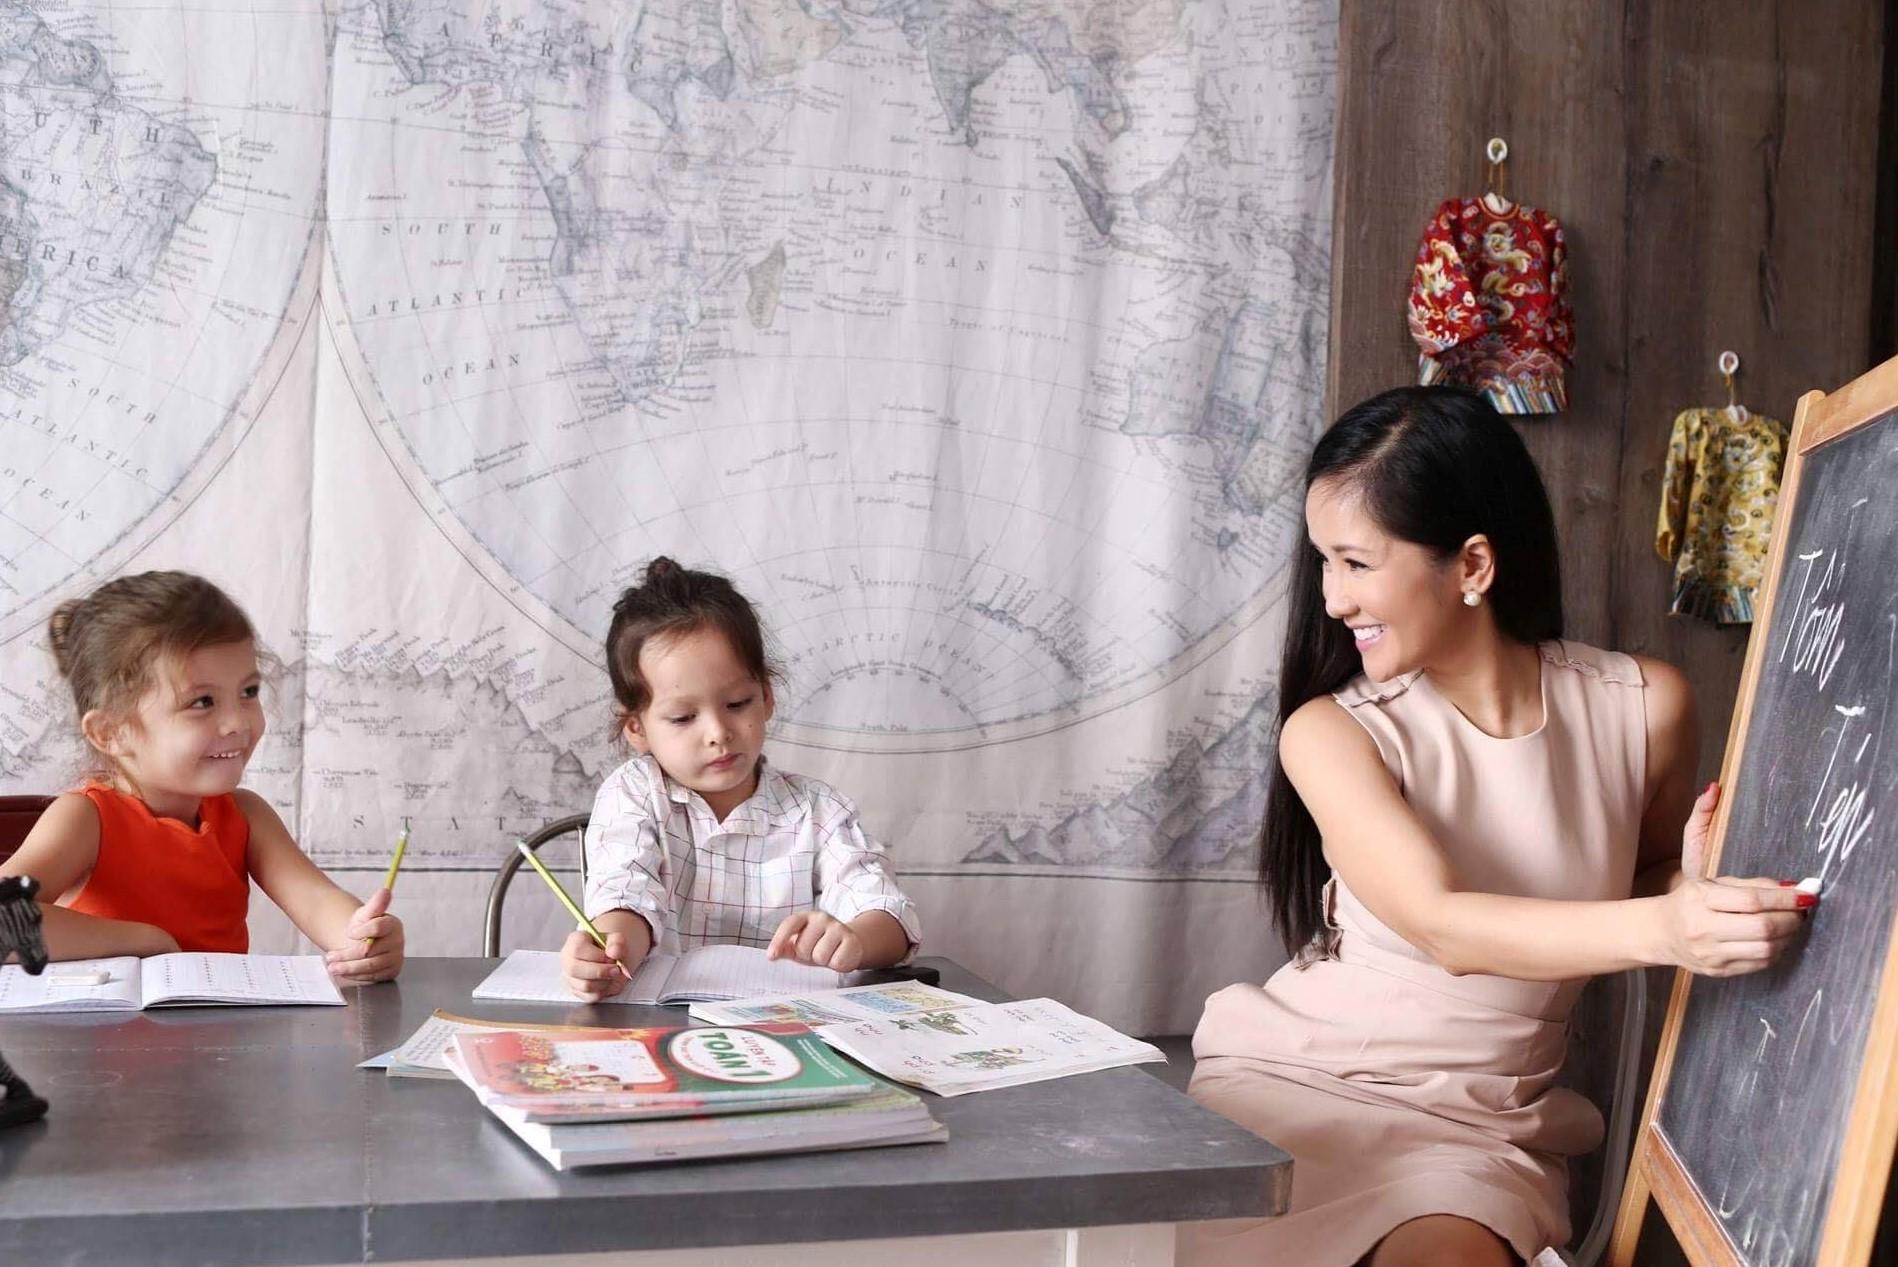 Sau nửa năm ly hôn, Hồng Nhung đã chứng minh 'bản lĩnh thép', đứng lên từ chính sự đổ vỡ 1